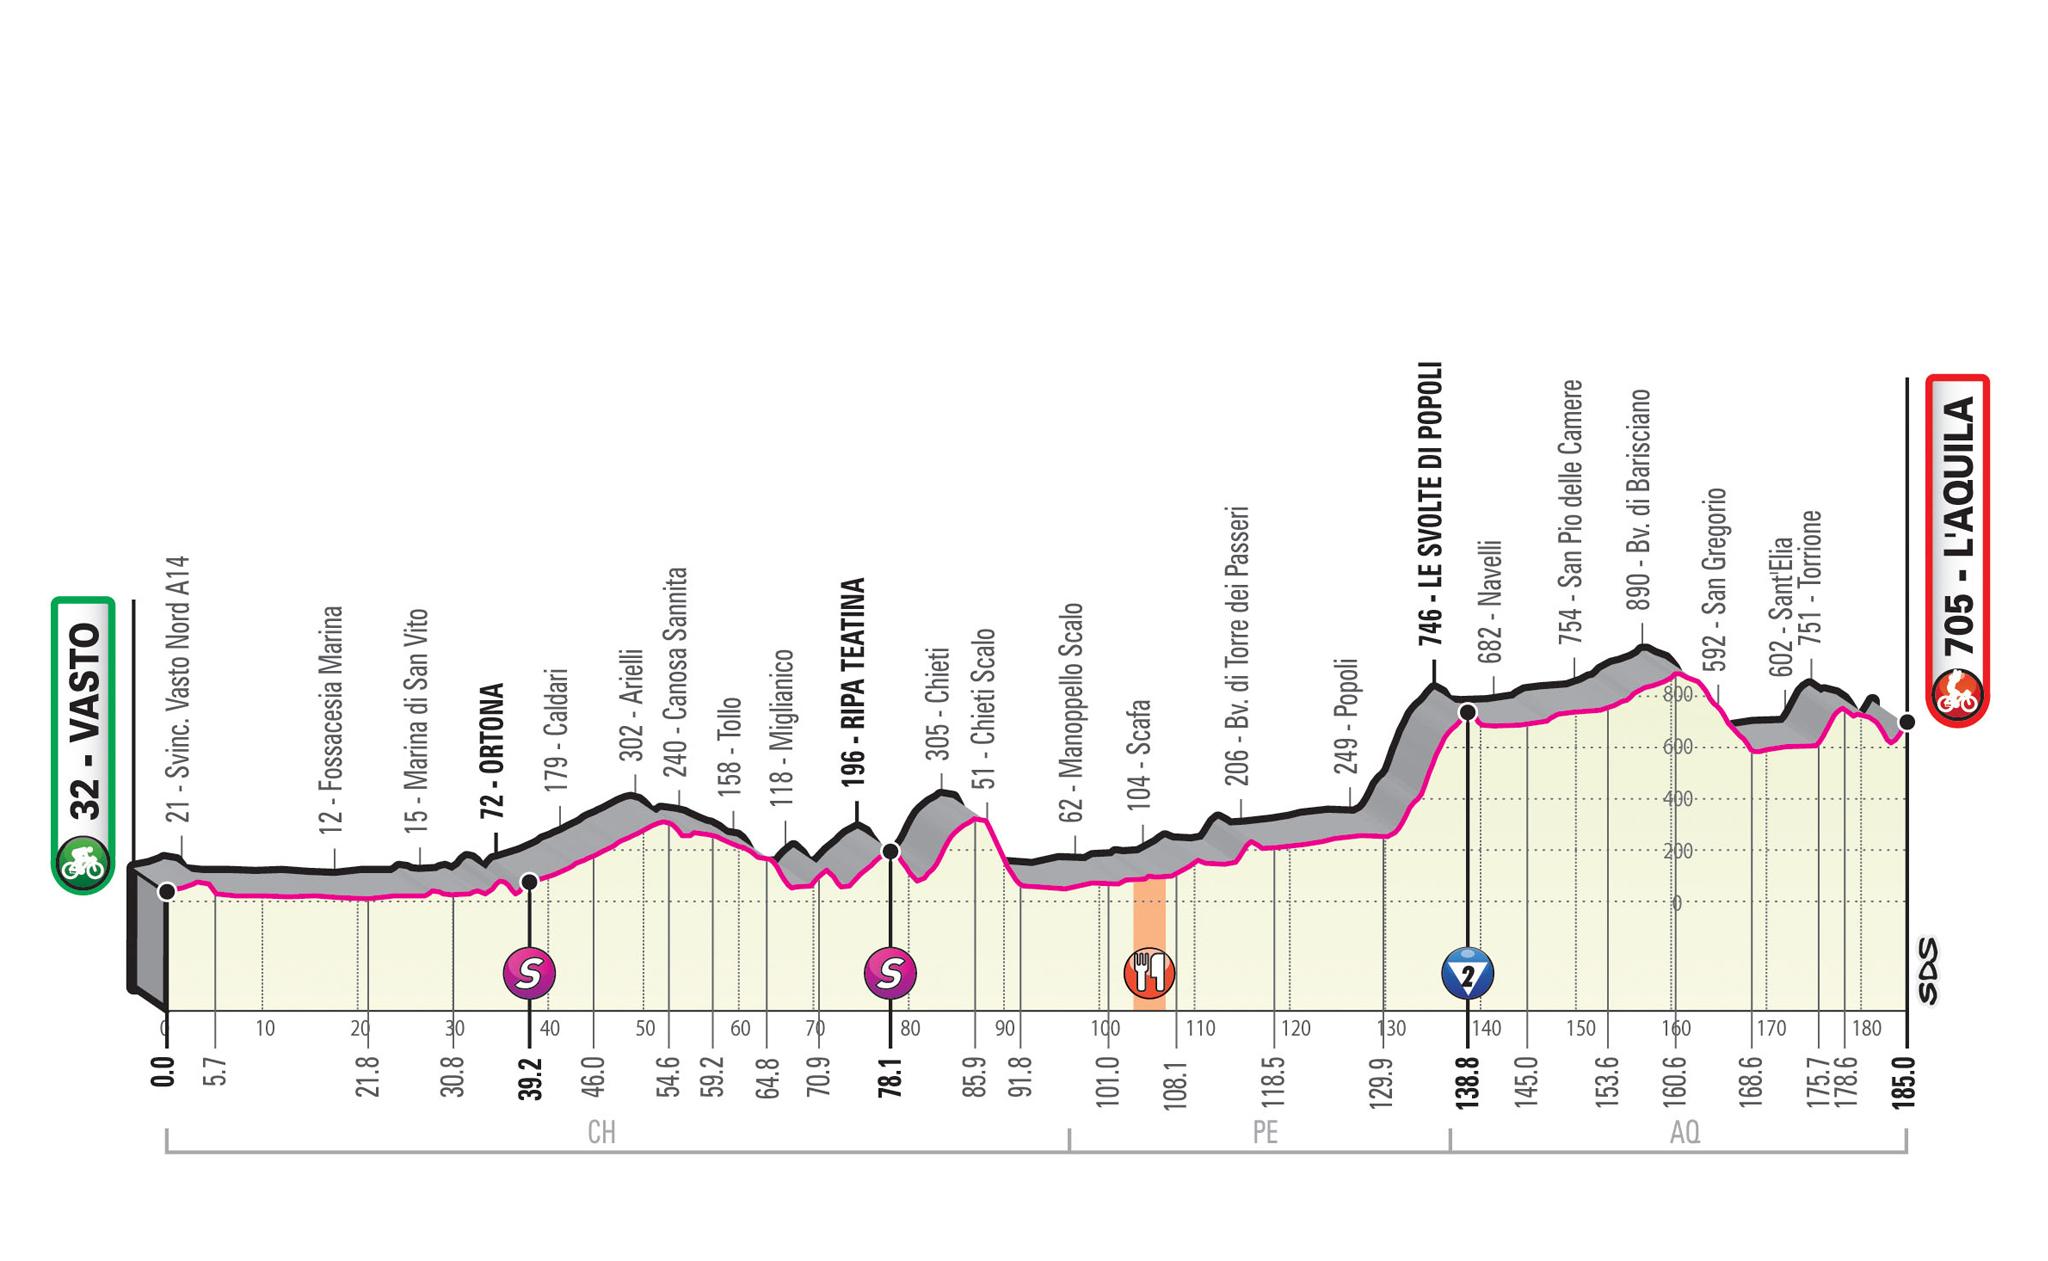 Altimetría etapa 7 Giro de Italia